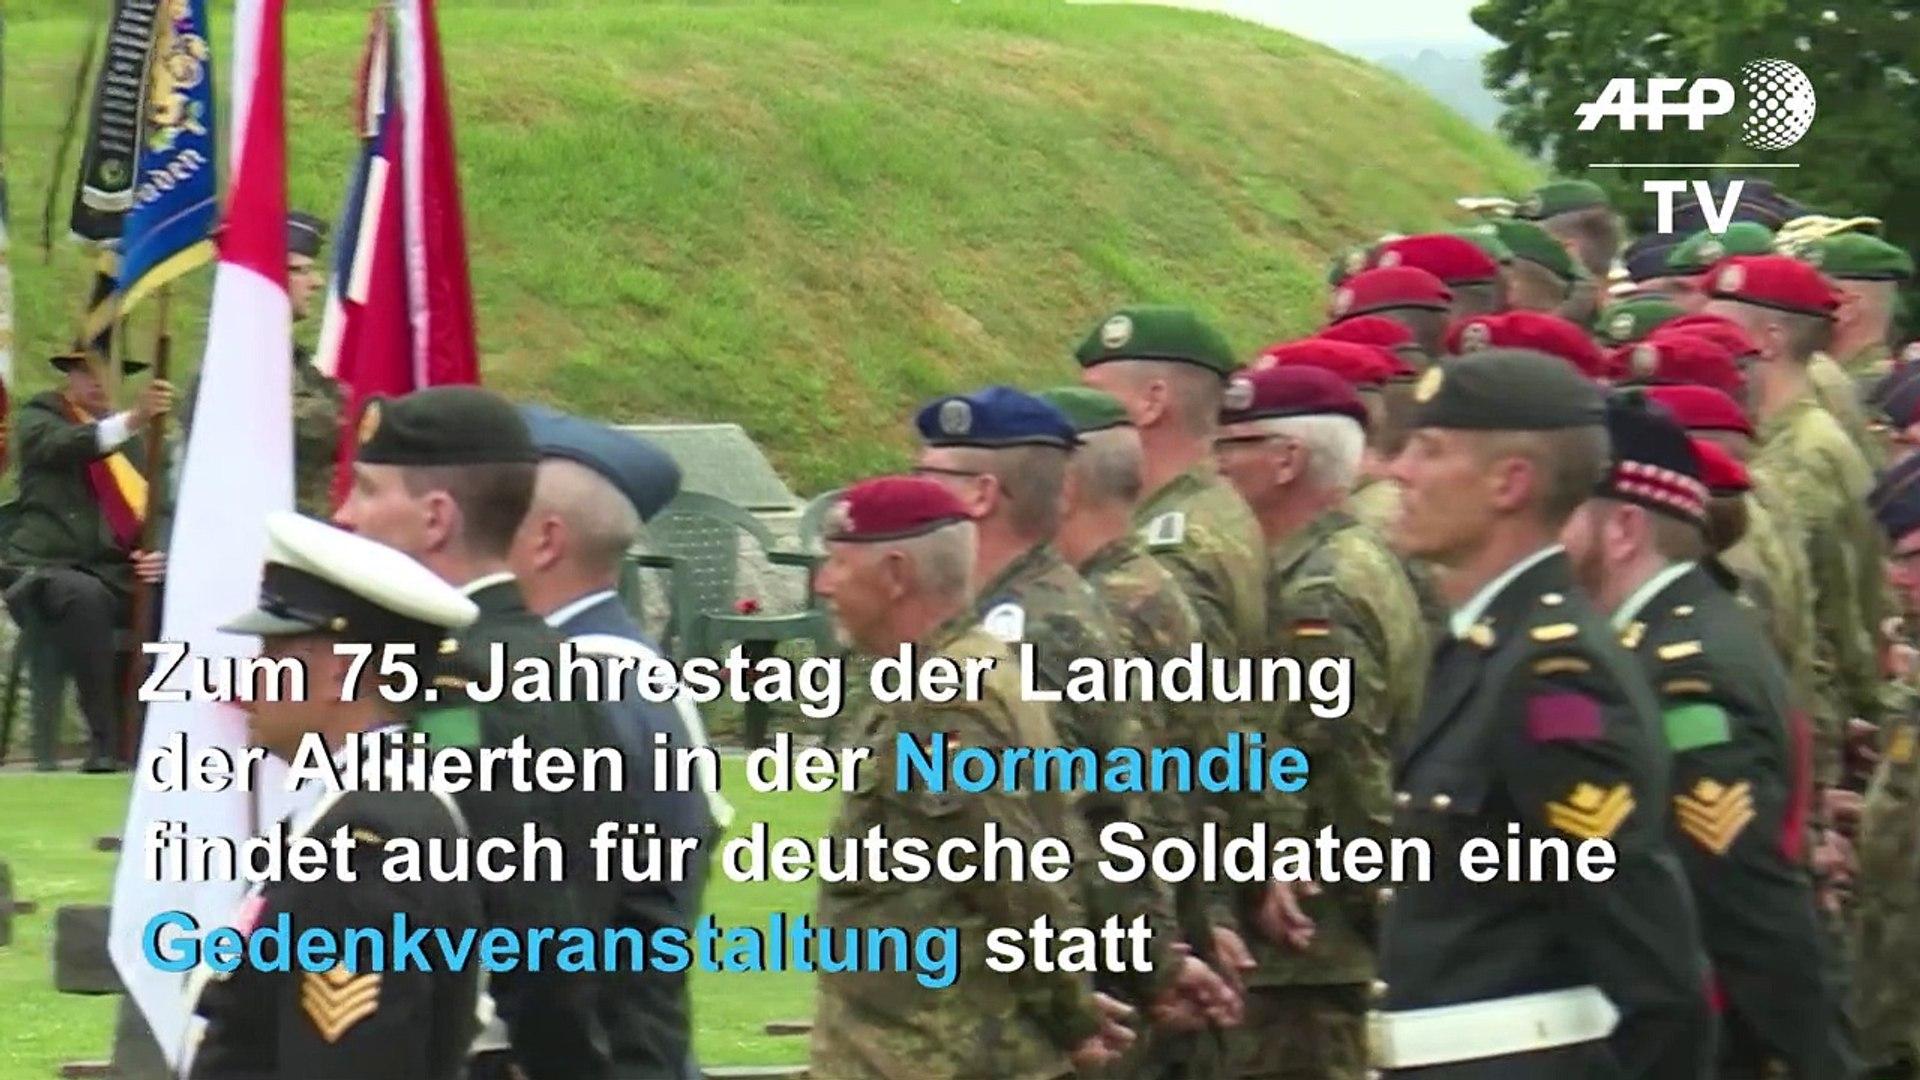 Jahrestag.Gedenkfeier Fur Deutsche Soldaten Zum 75 Jahrestag Des D Days In Der Normandie